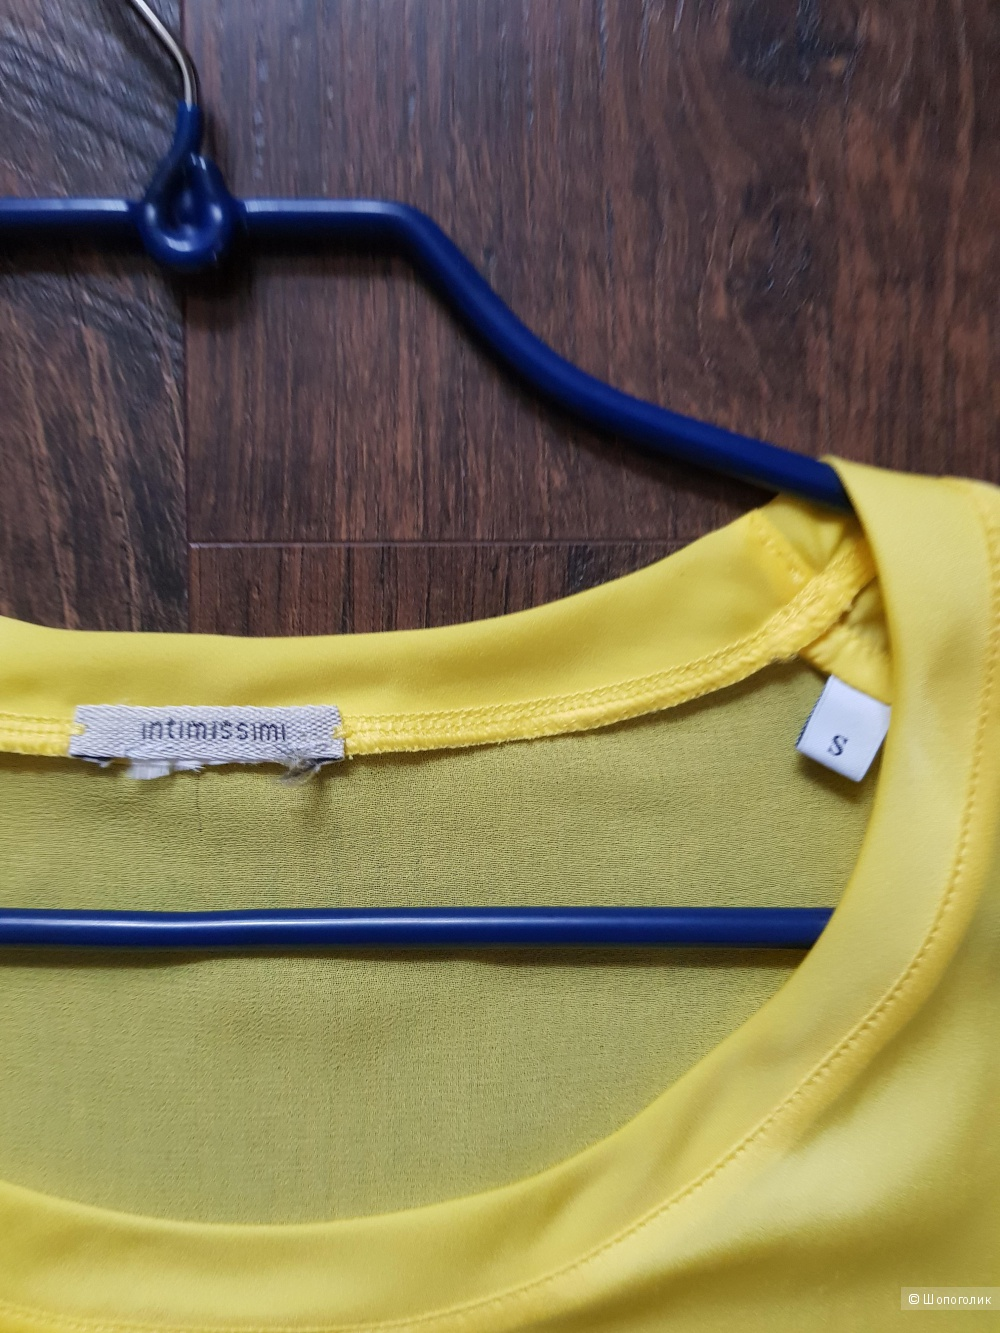 Блузка Intimissimi, S, 42-44 размер